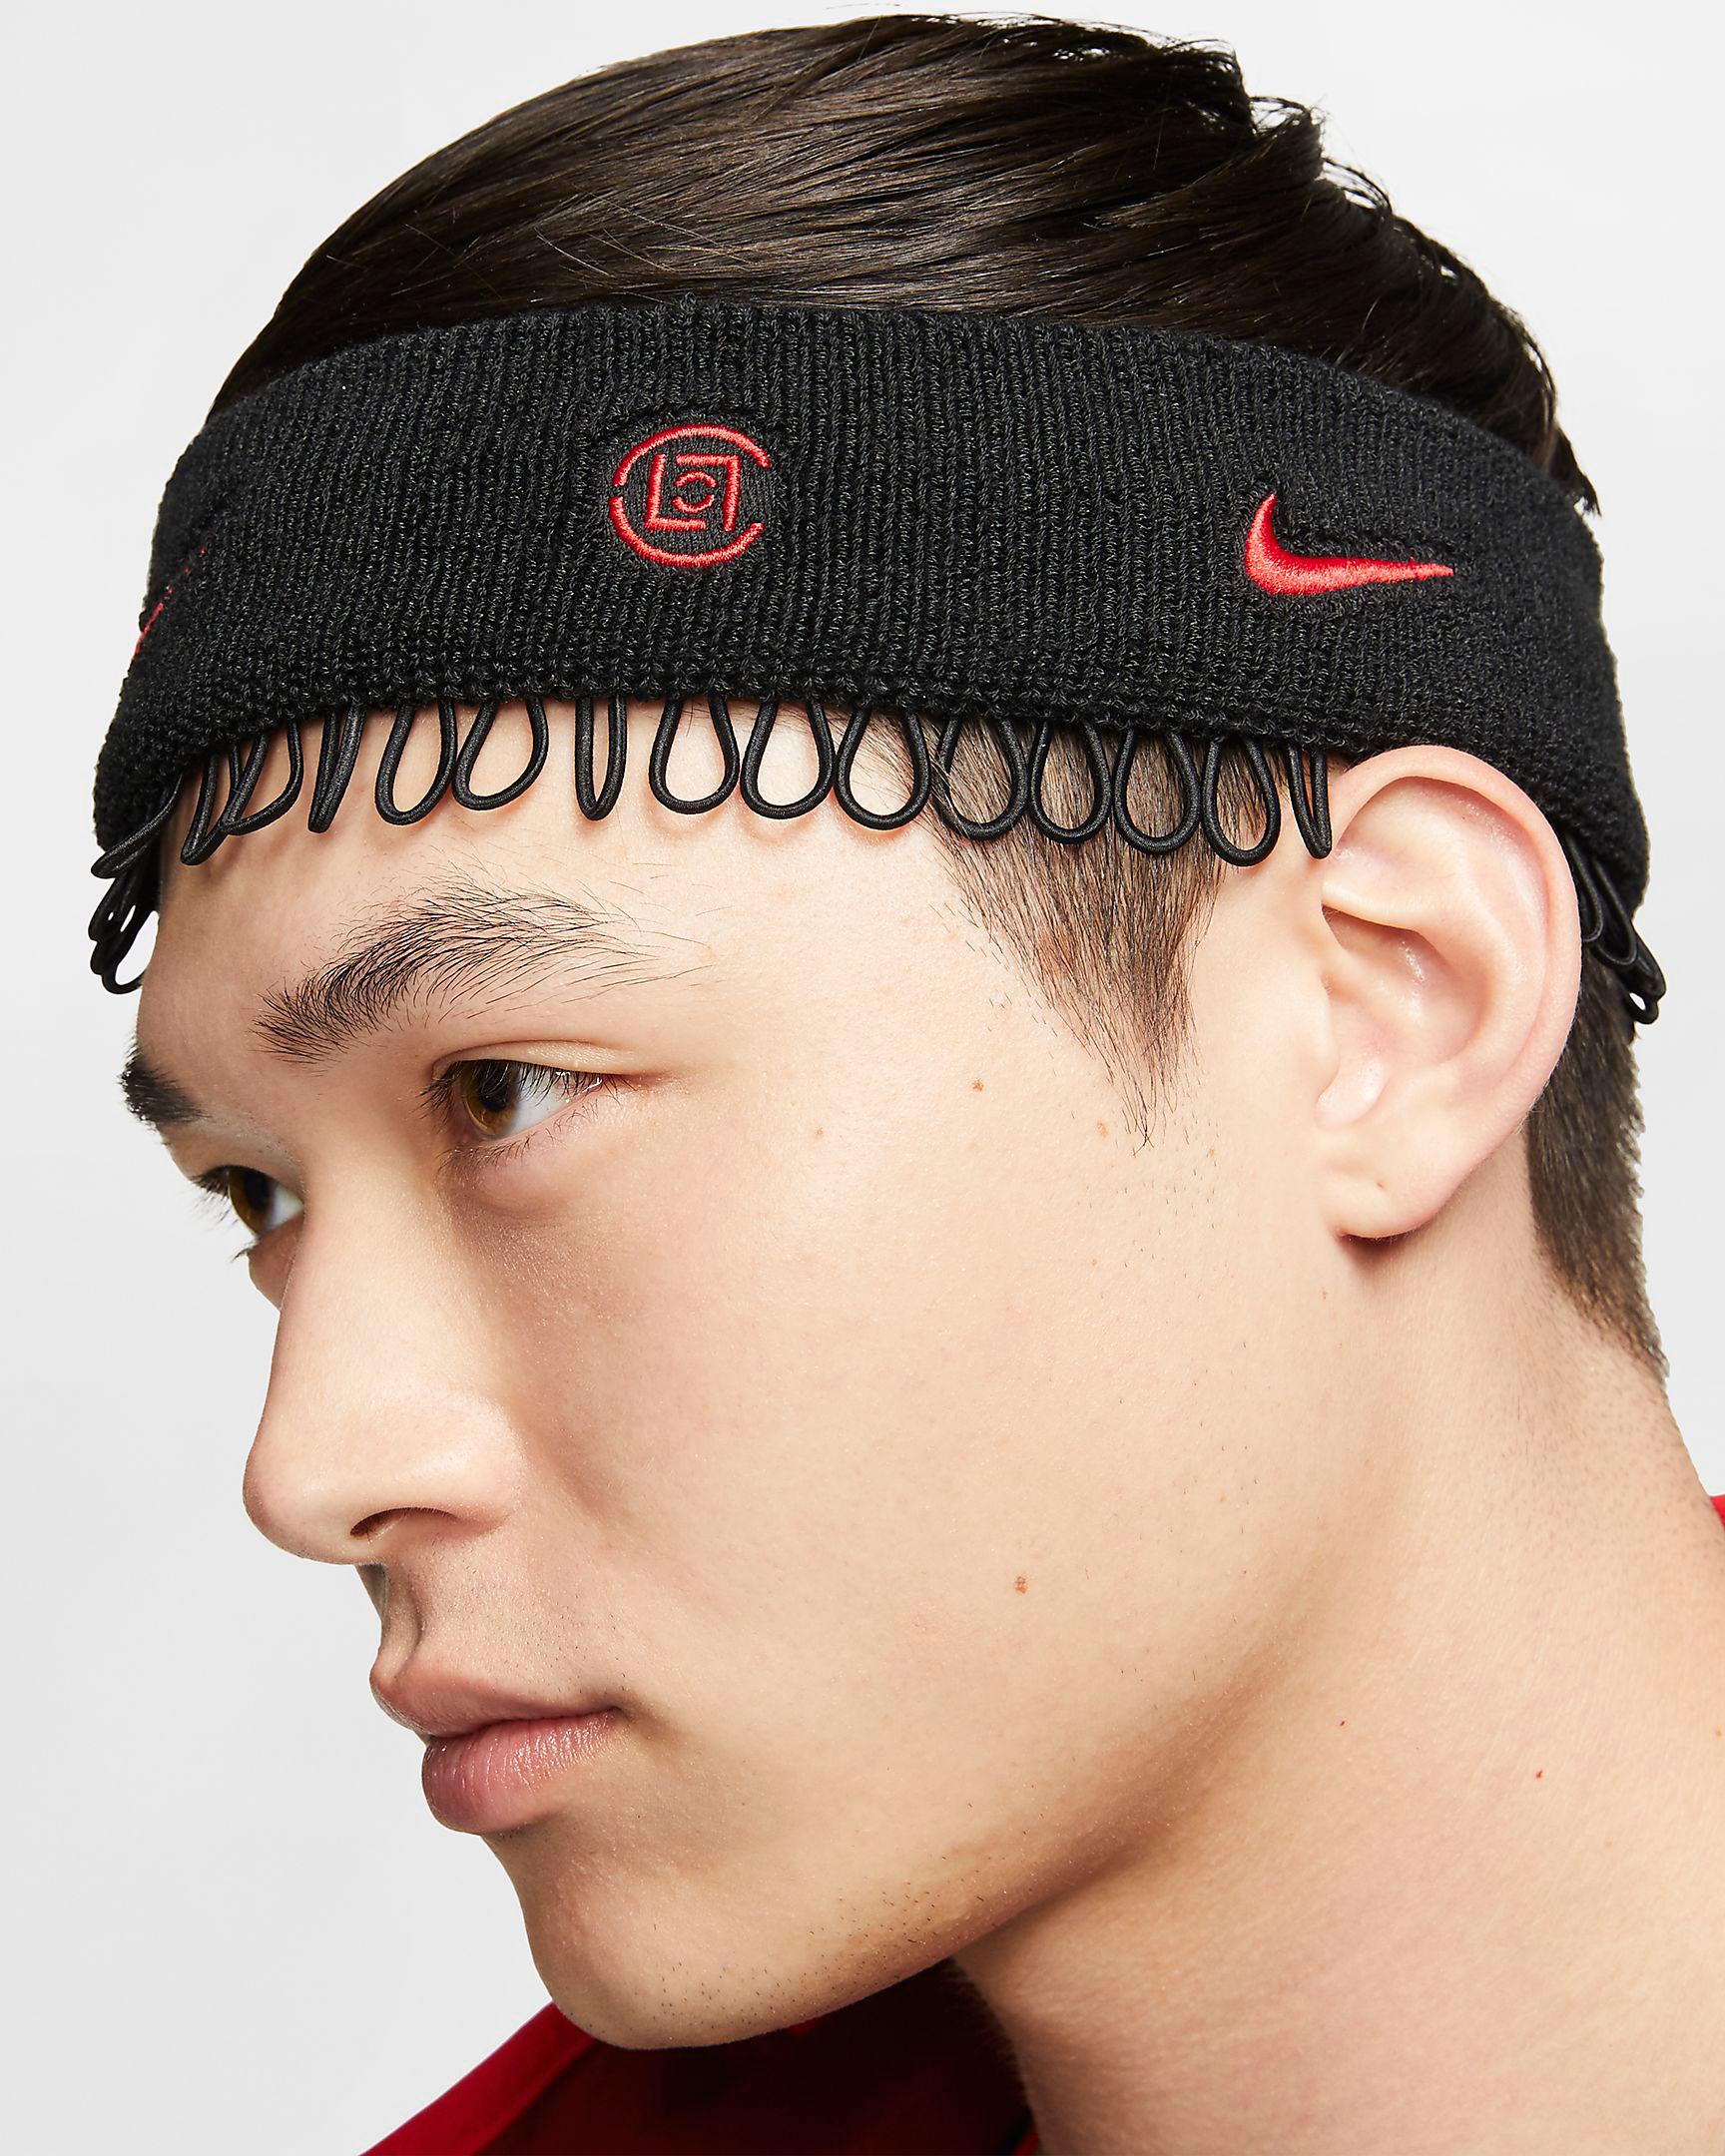 clot-air-jordan-1-mid-fearless-headband-2